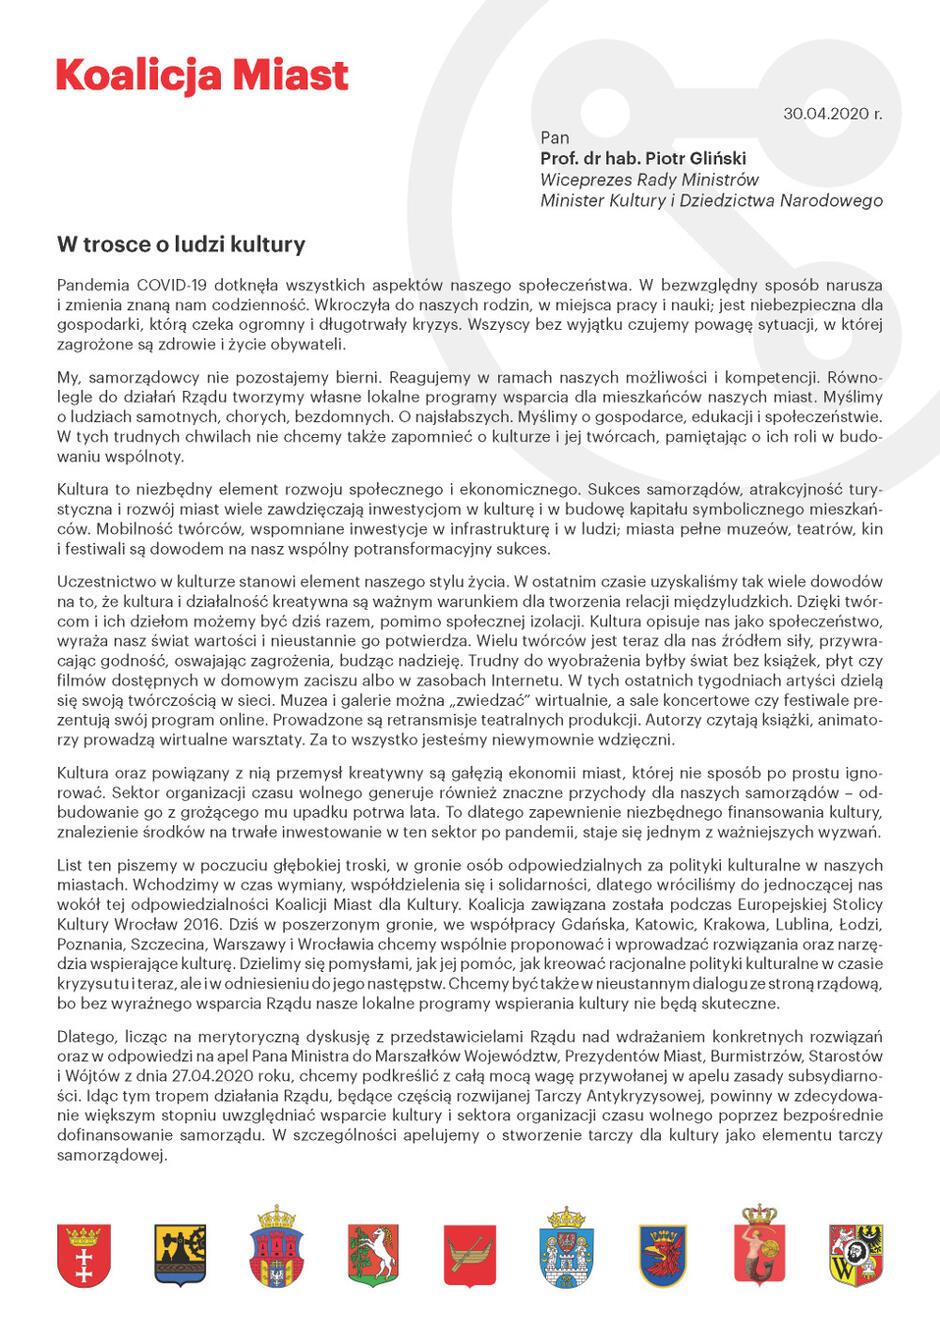 pismo_koalicja_miast_dla_kultury_30_04_2020_1__Strona_1